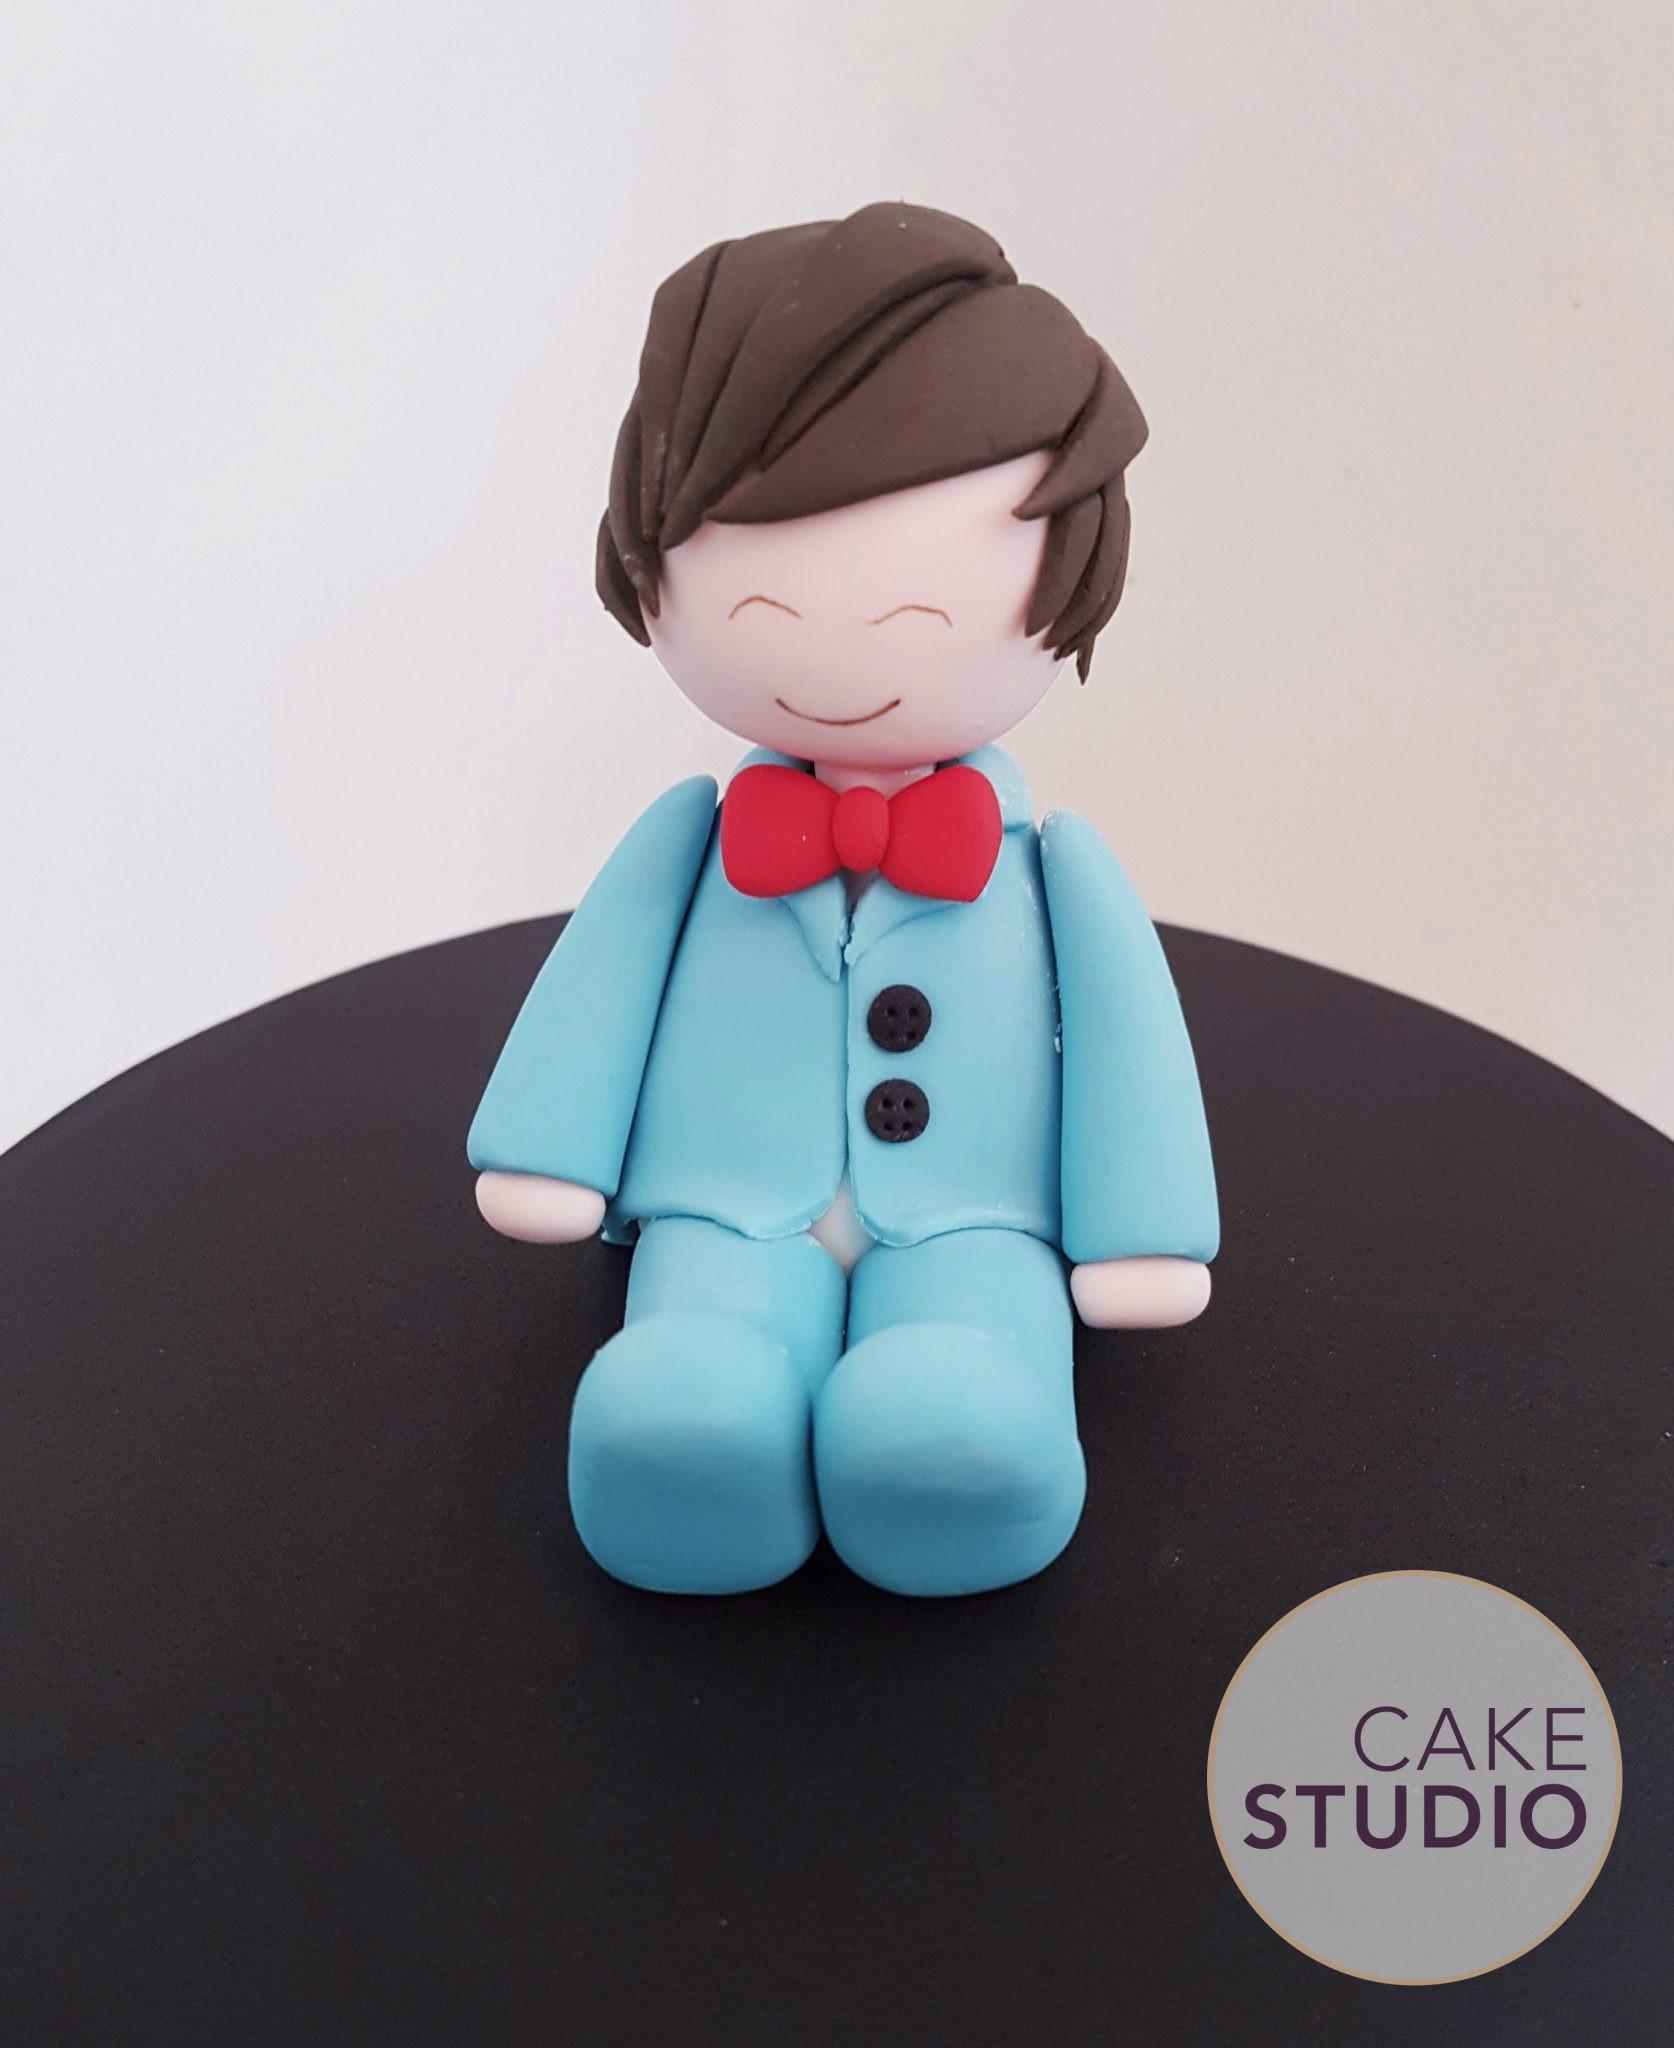 Bolo decorado BTS Army Kpop. Feito por Cake Studio (contato@cakestudio.com.br | Whatsapp: (11) 96882-2623 )